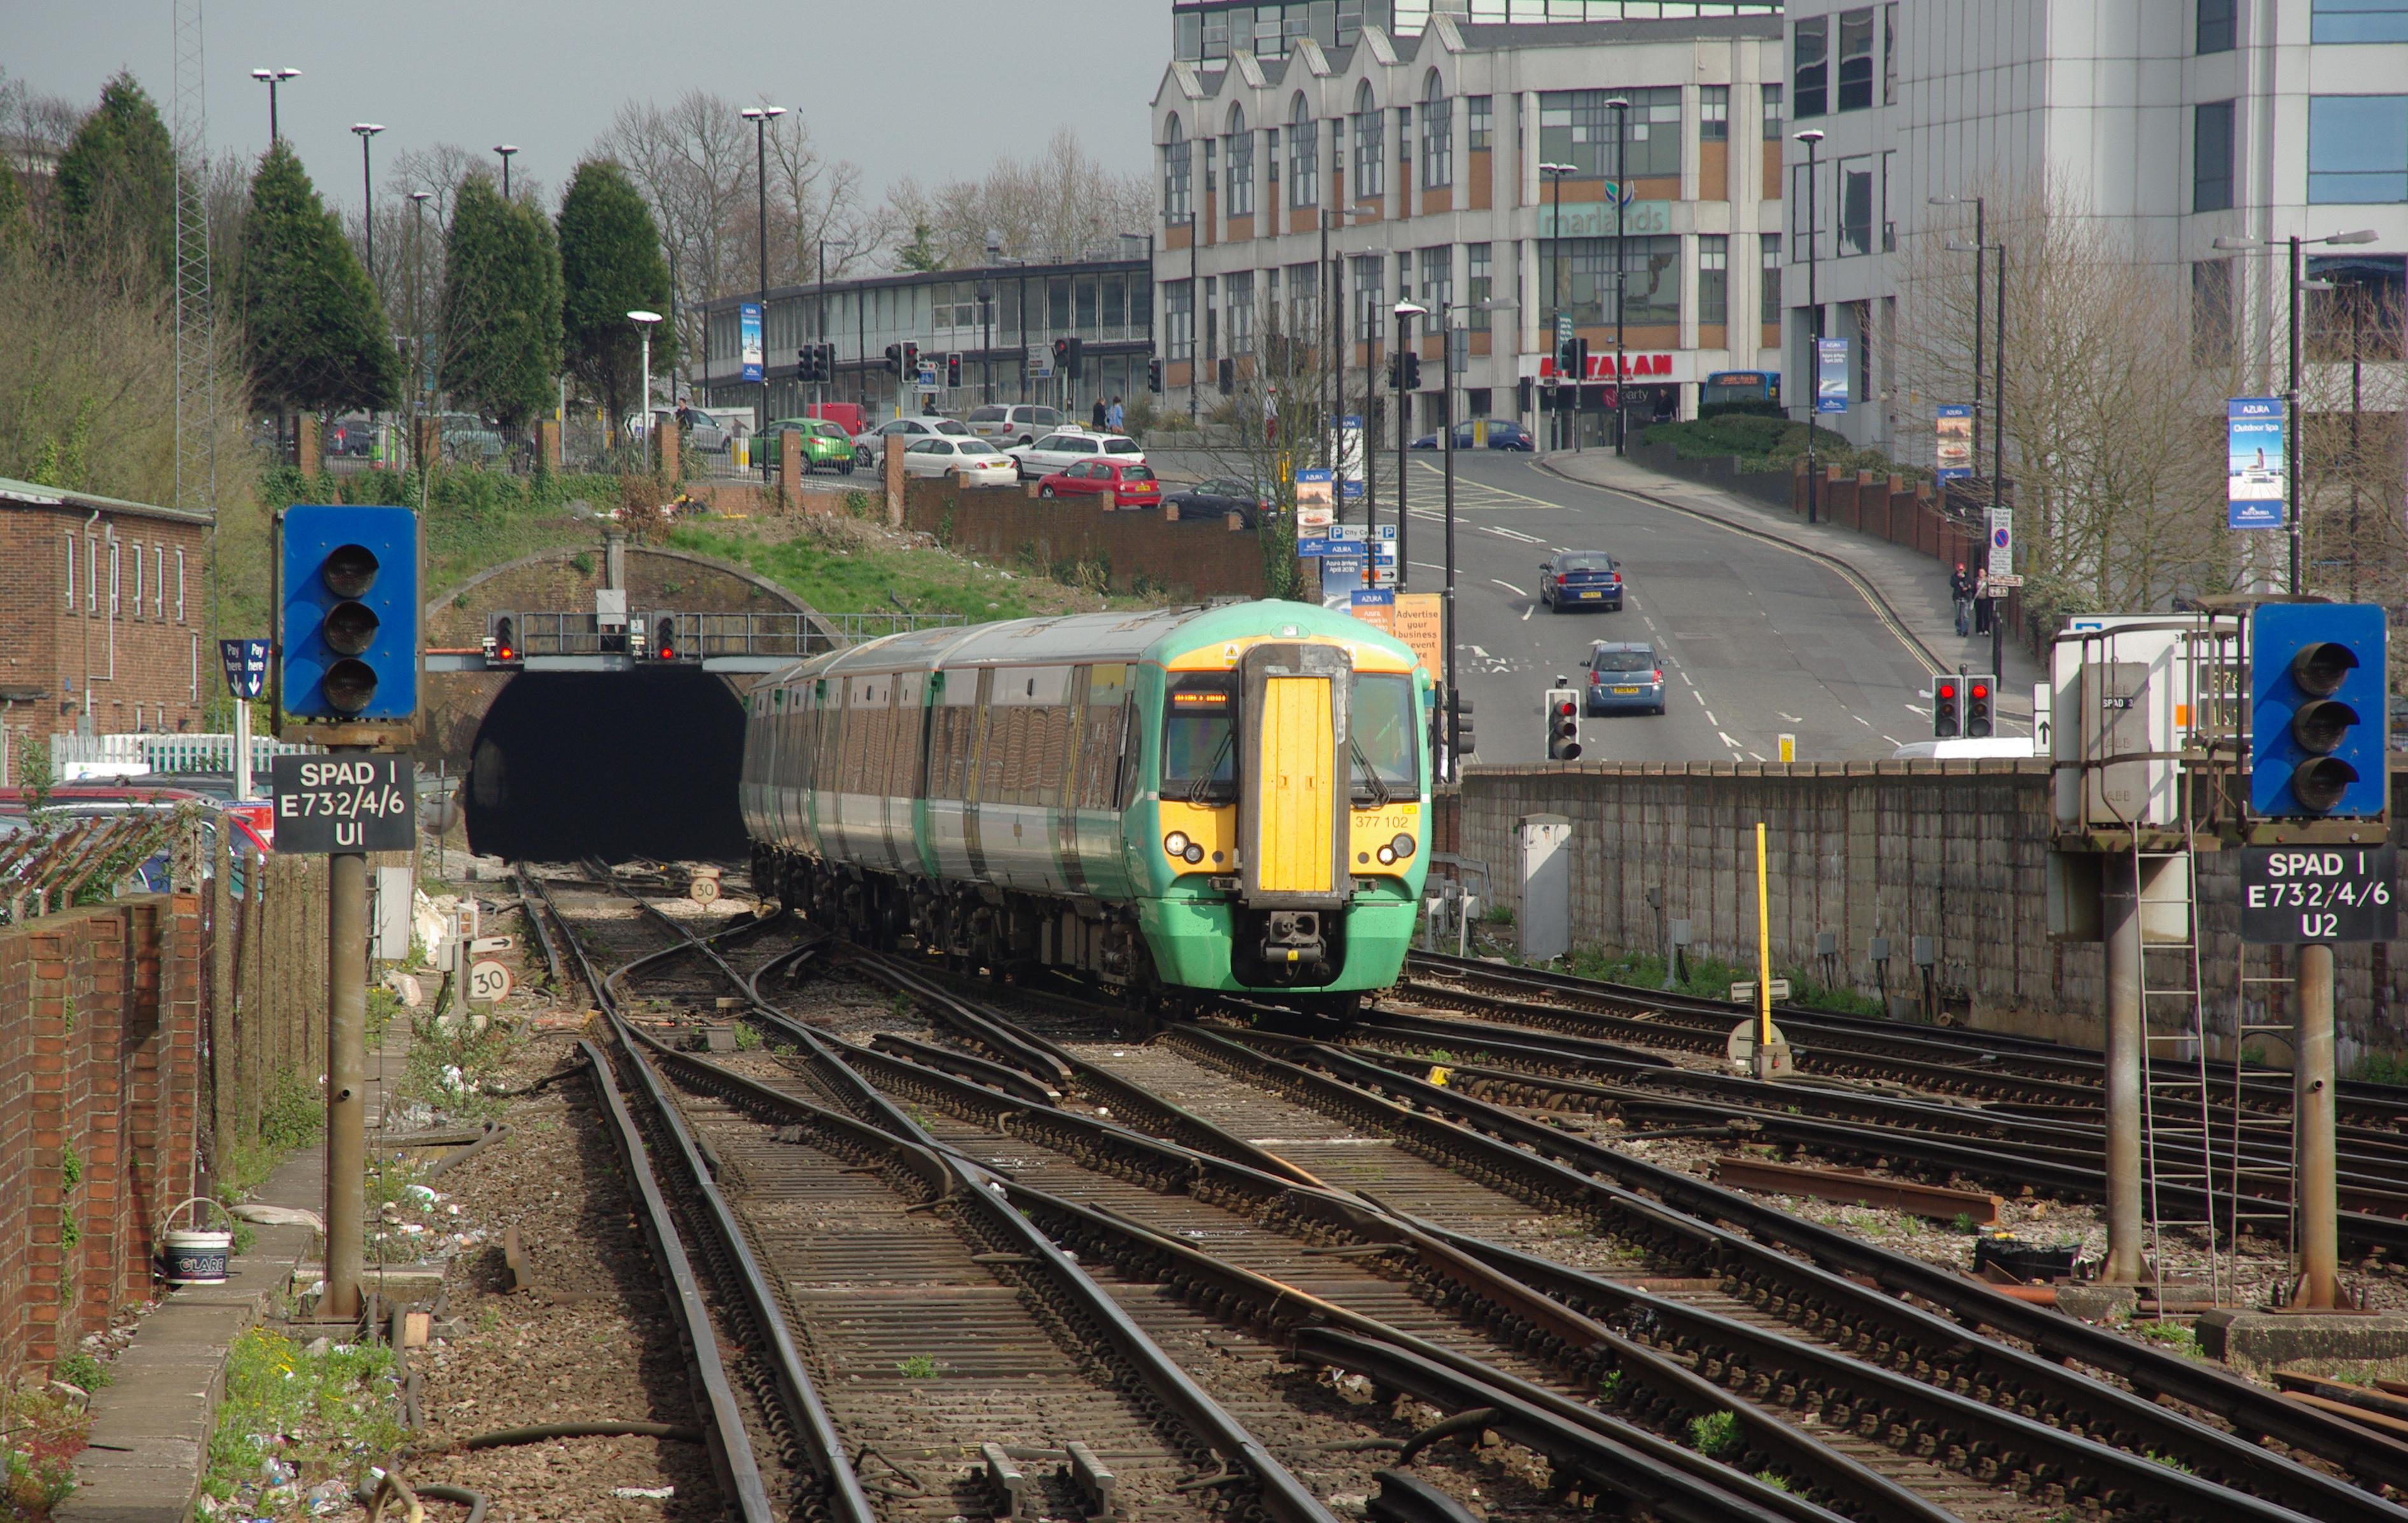 Southampton Station